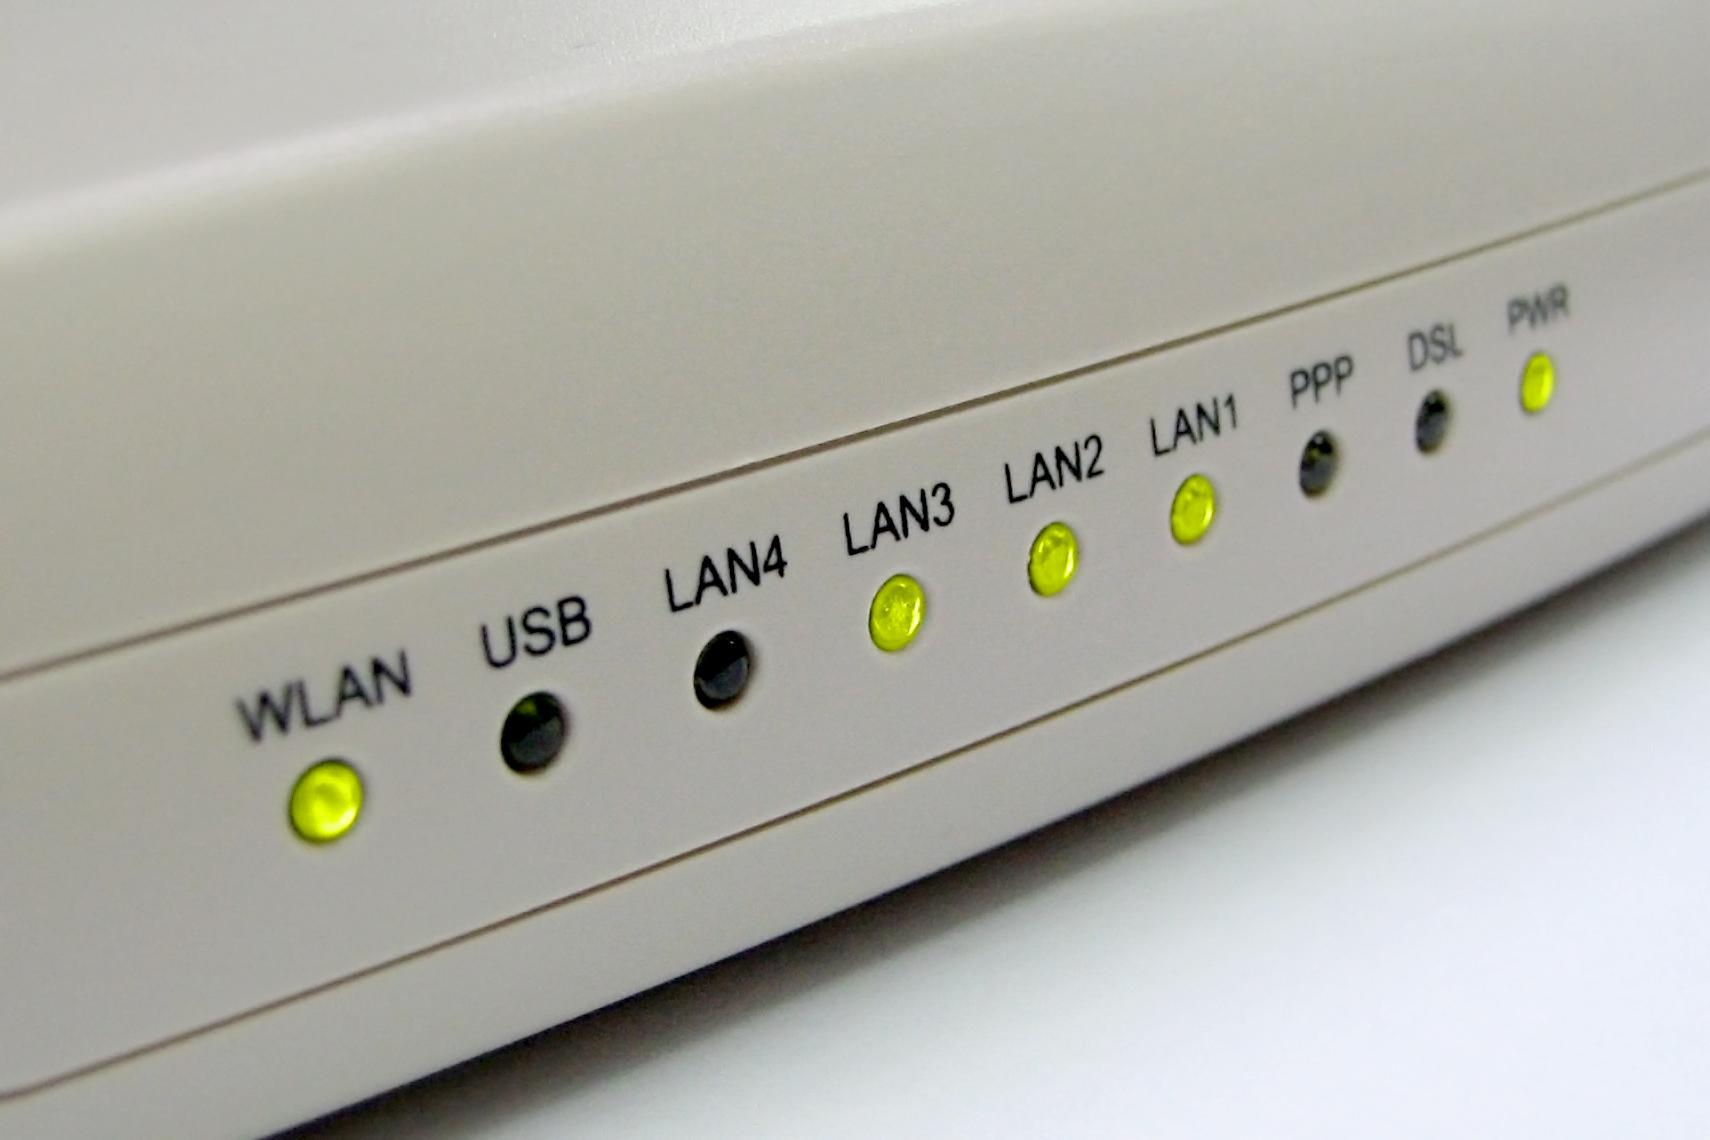 Acesso não autorizado a redes sem fio e a legislação brasileira